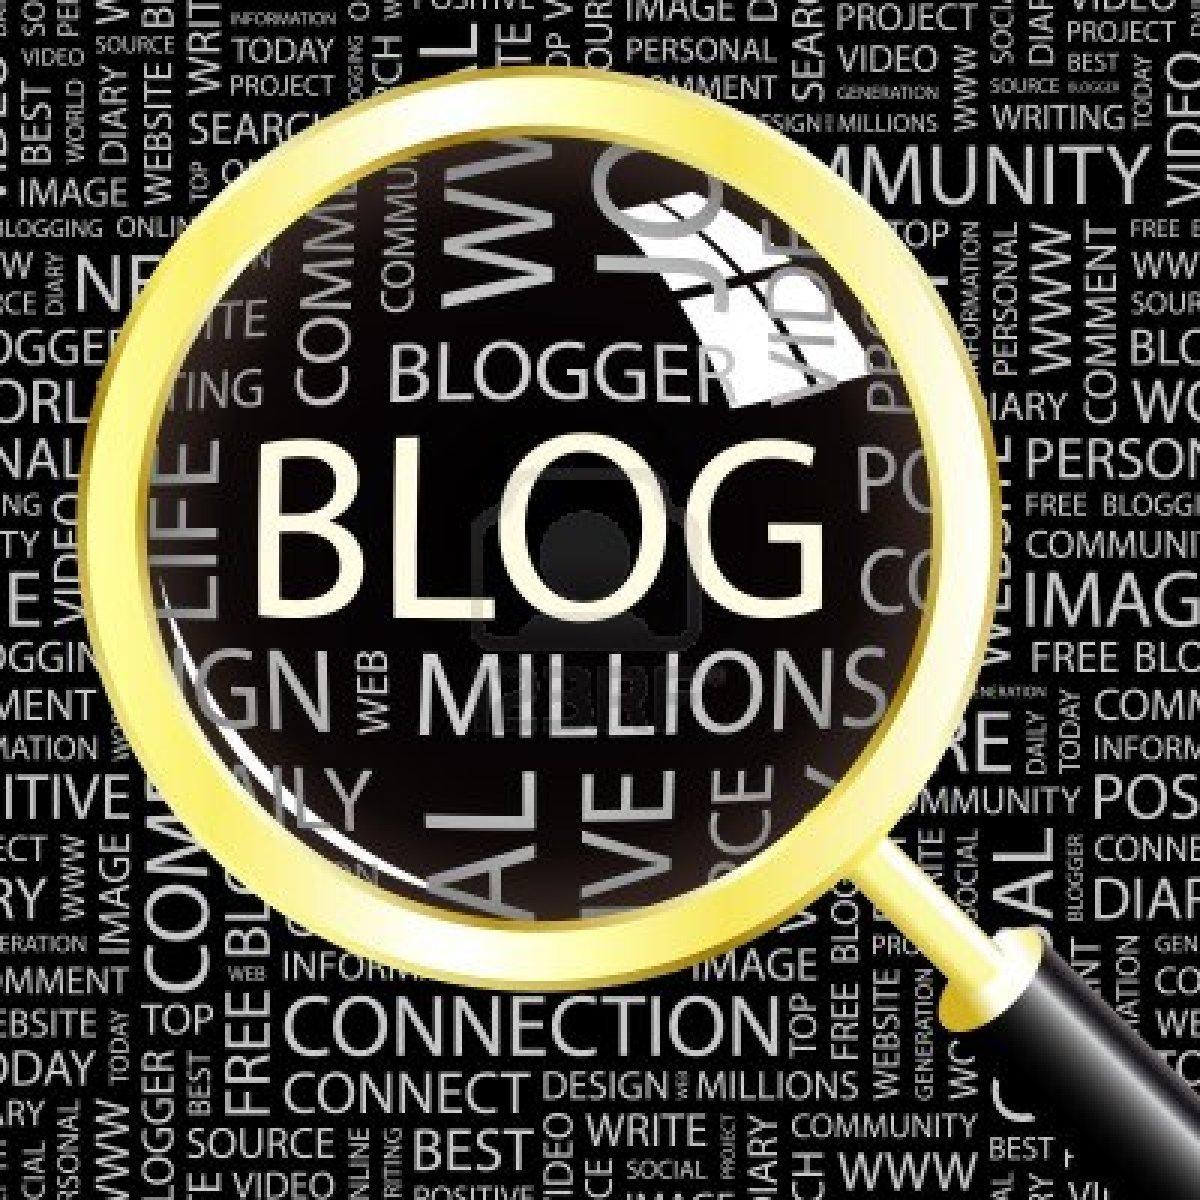 Vérifiez bien le contennu d'un blog avant de vous y associer